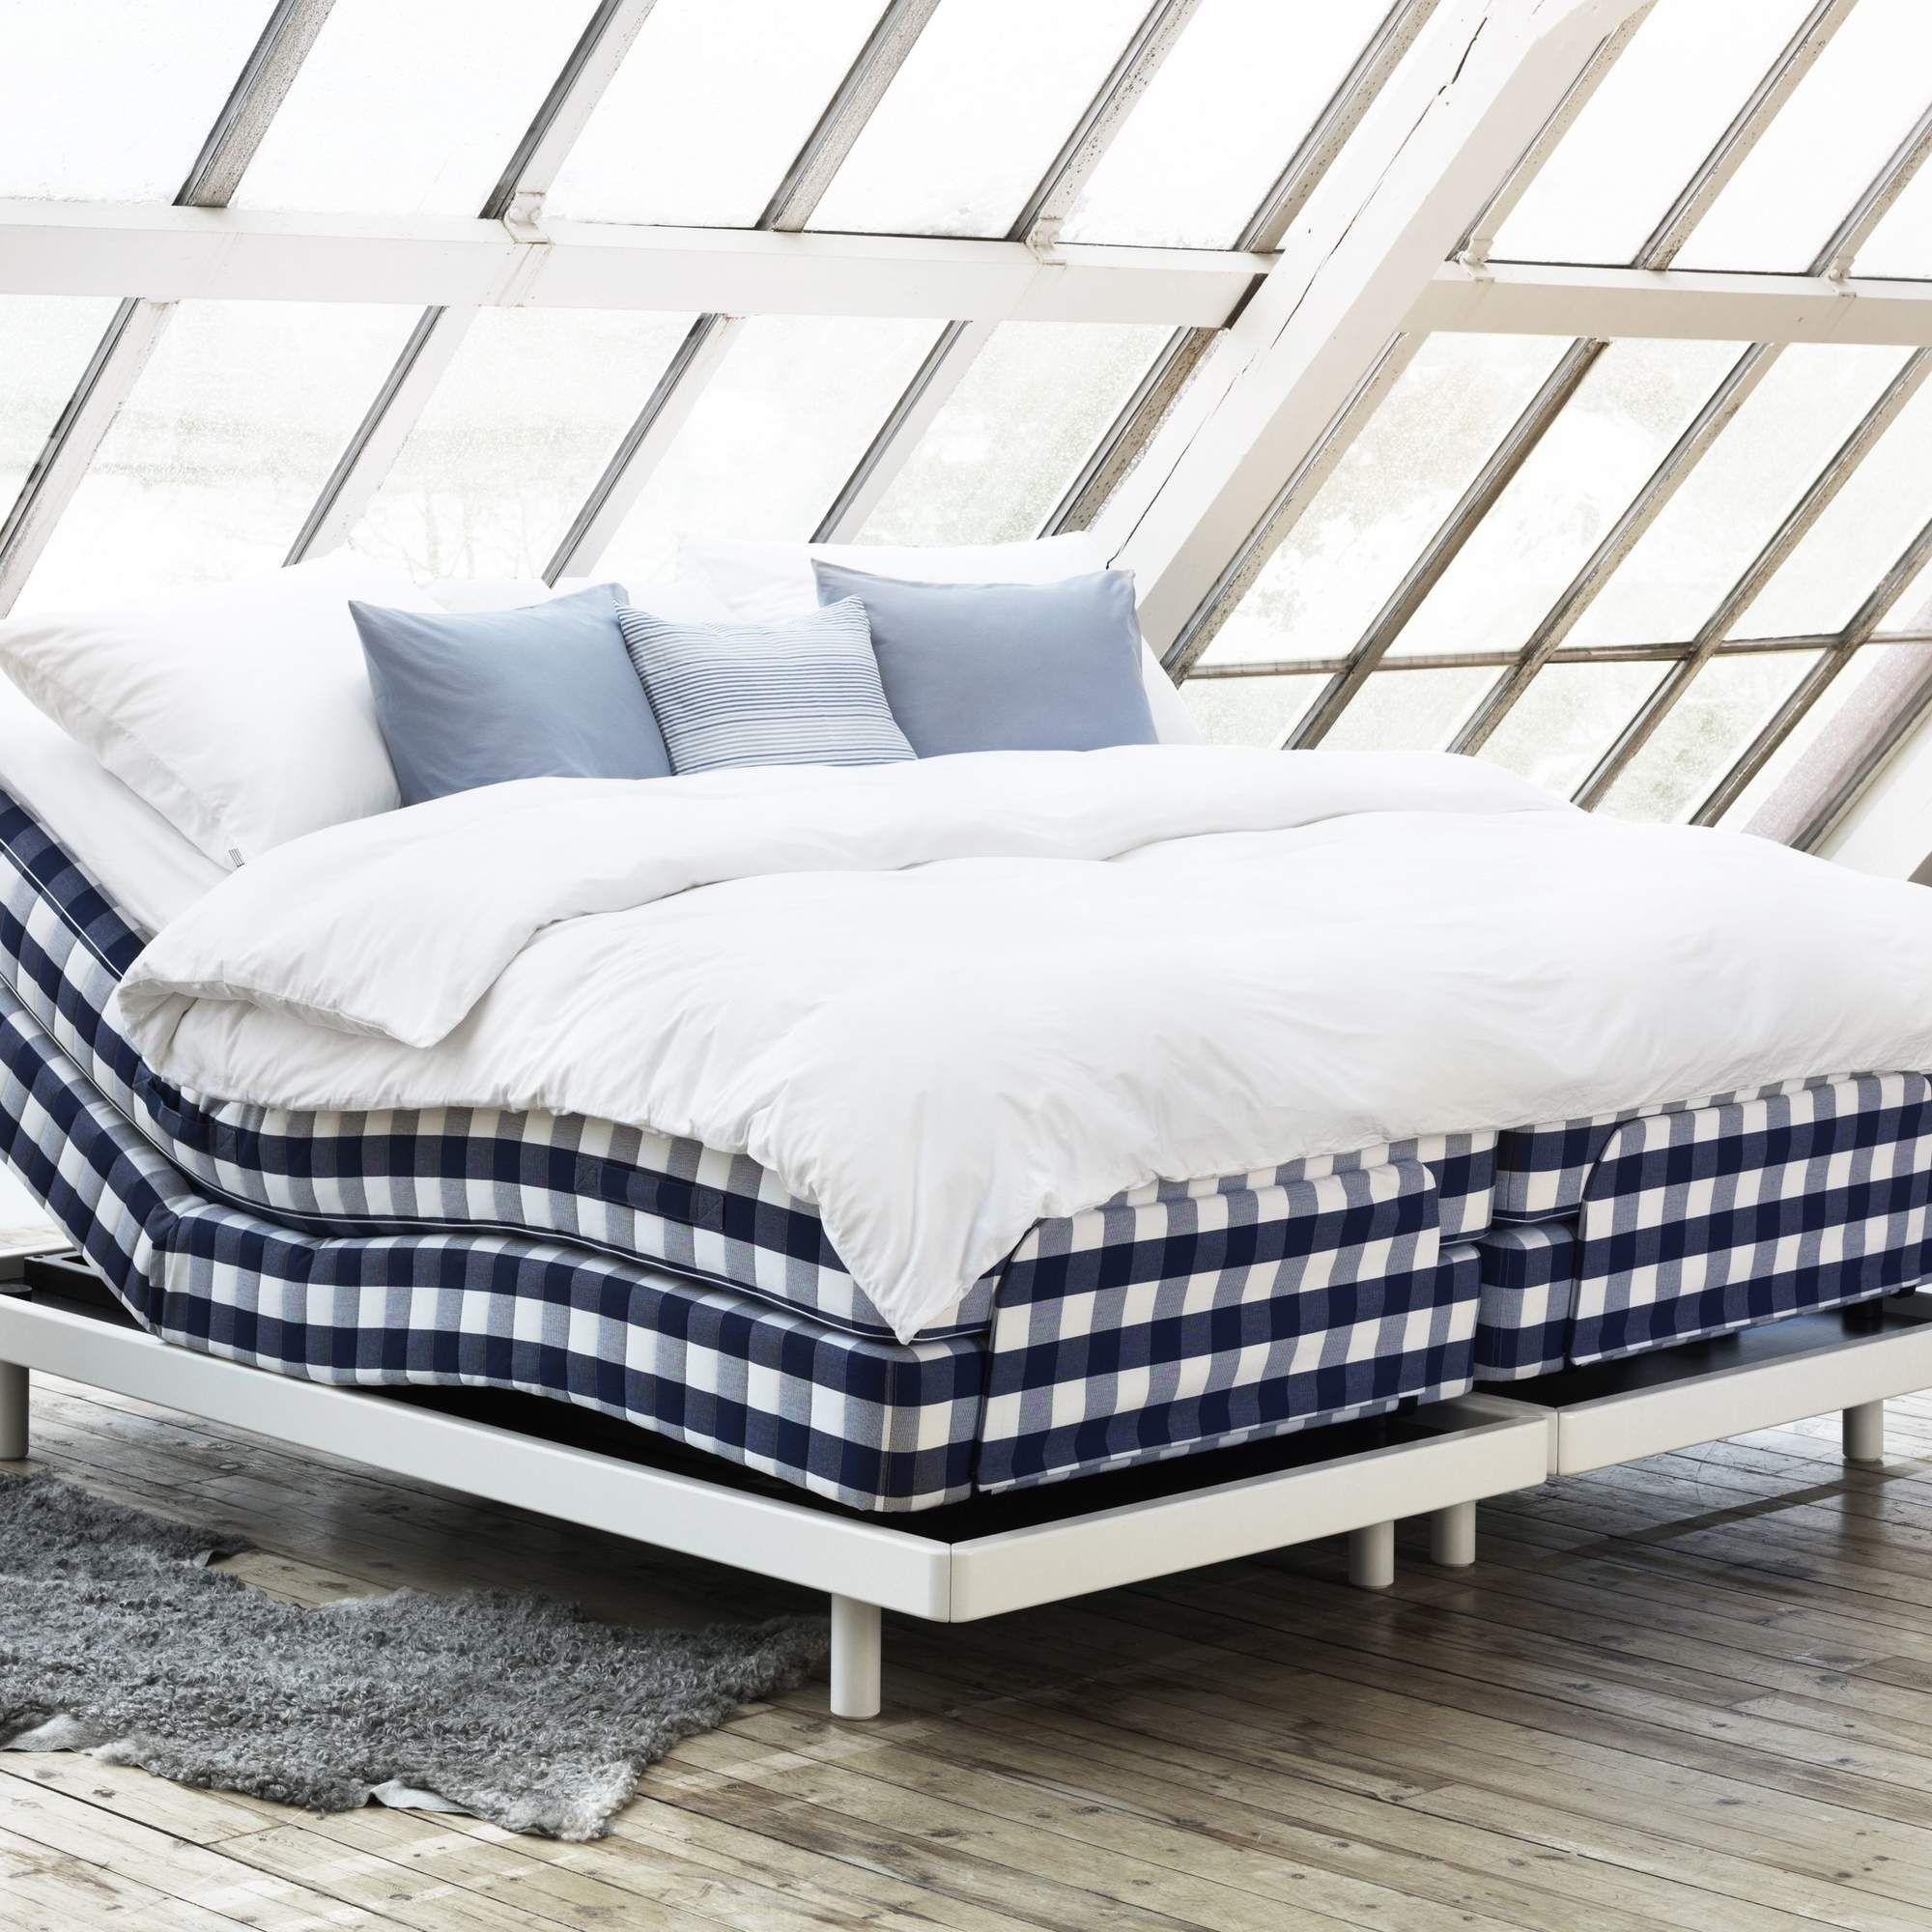 Hastens bed Adjustable beds, Furniture, Hästens bed